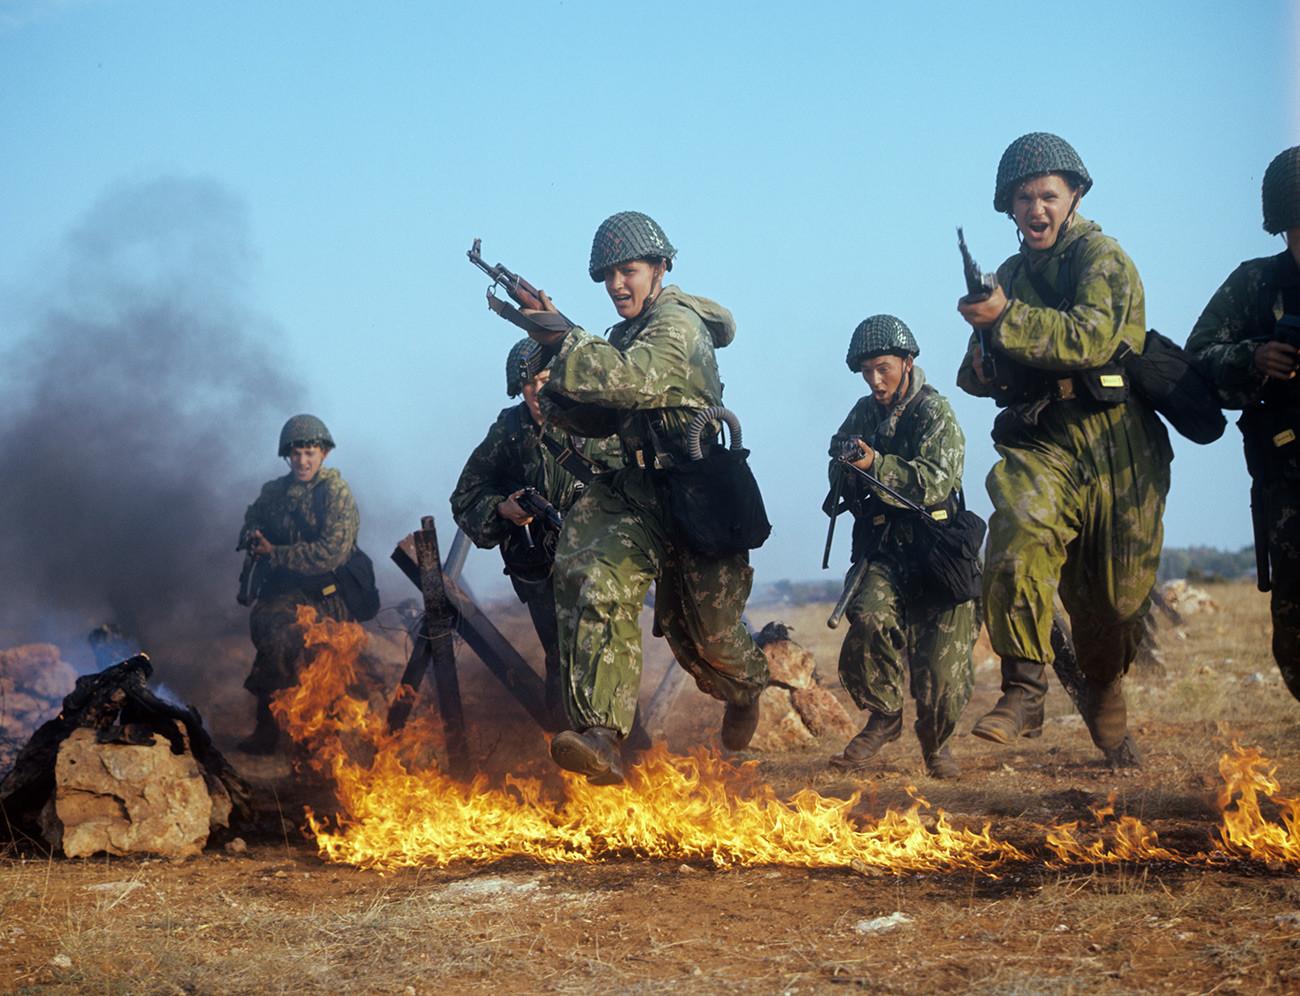 海軍歩兵の訓練